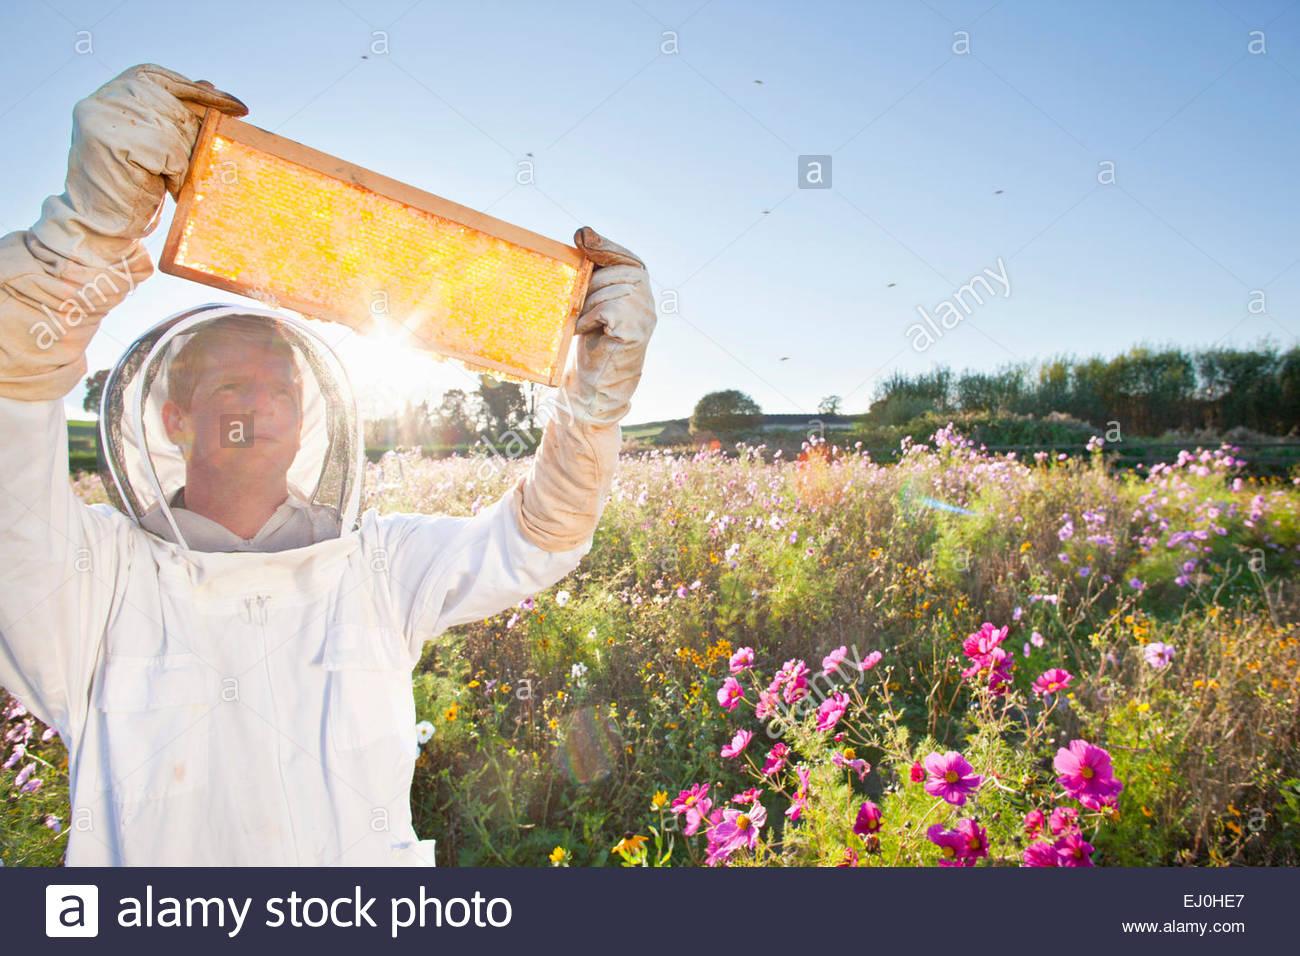 Apicoltore, tenendo beehive telaio del miele fino al sole, in campo pieno di fiori Immagini Stock